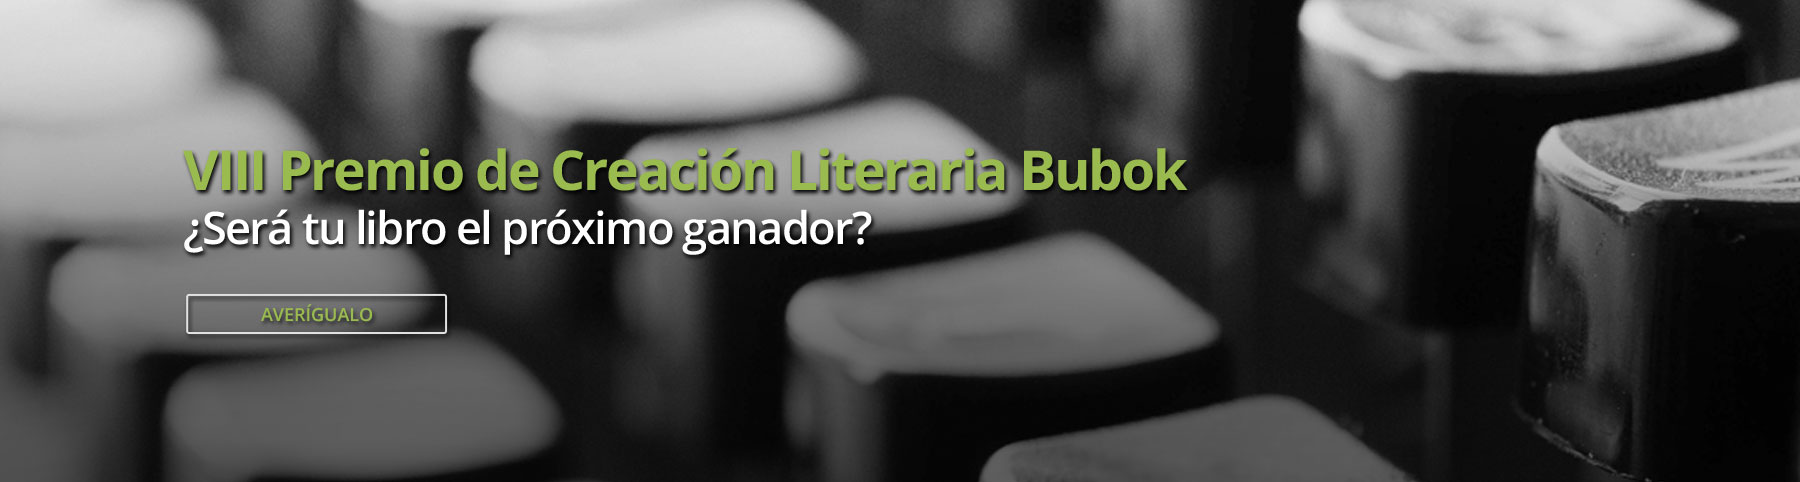 http://www.bubok.es/autores/octavo-concurso-literario/registrar?utm_source=Web%20&utm_medium=Display&utm_term=Home-Roller&utm_content=Adquisicion&utm_campaign=Concurso16